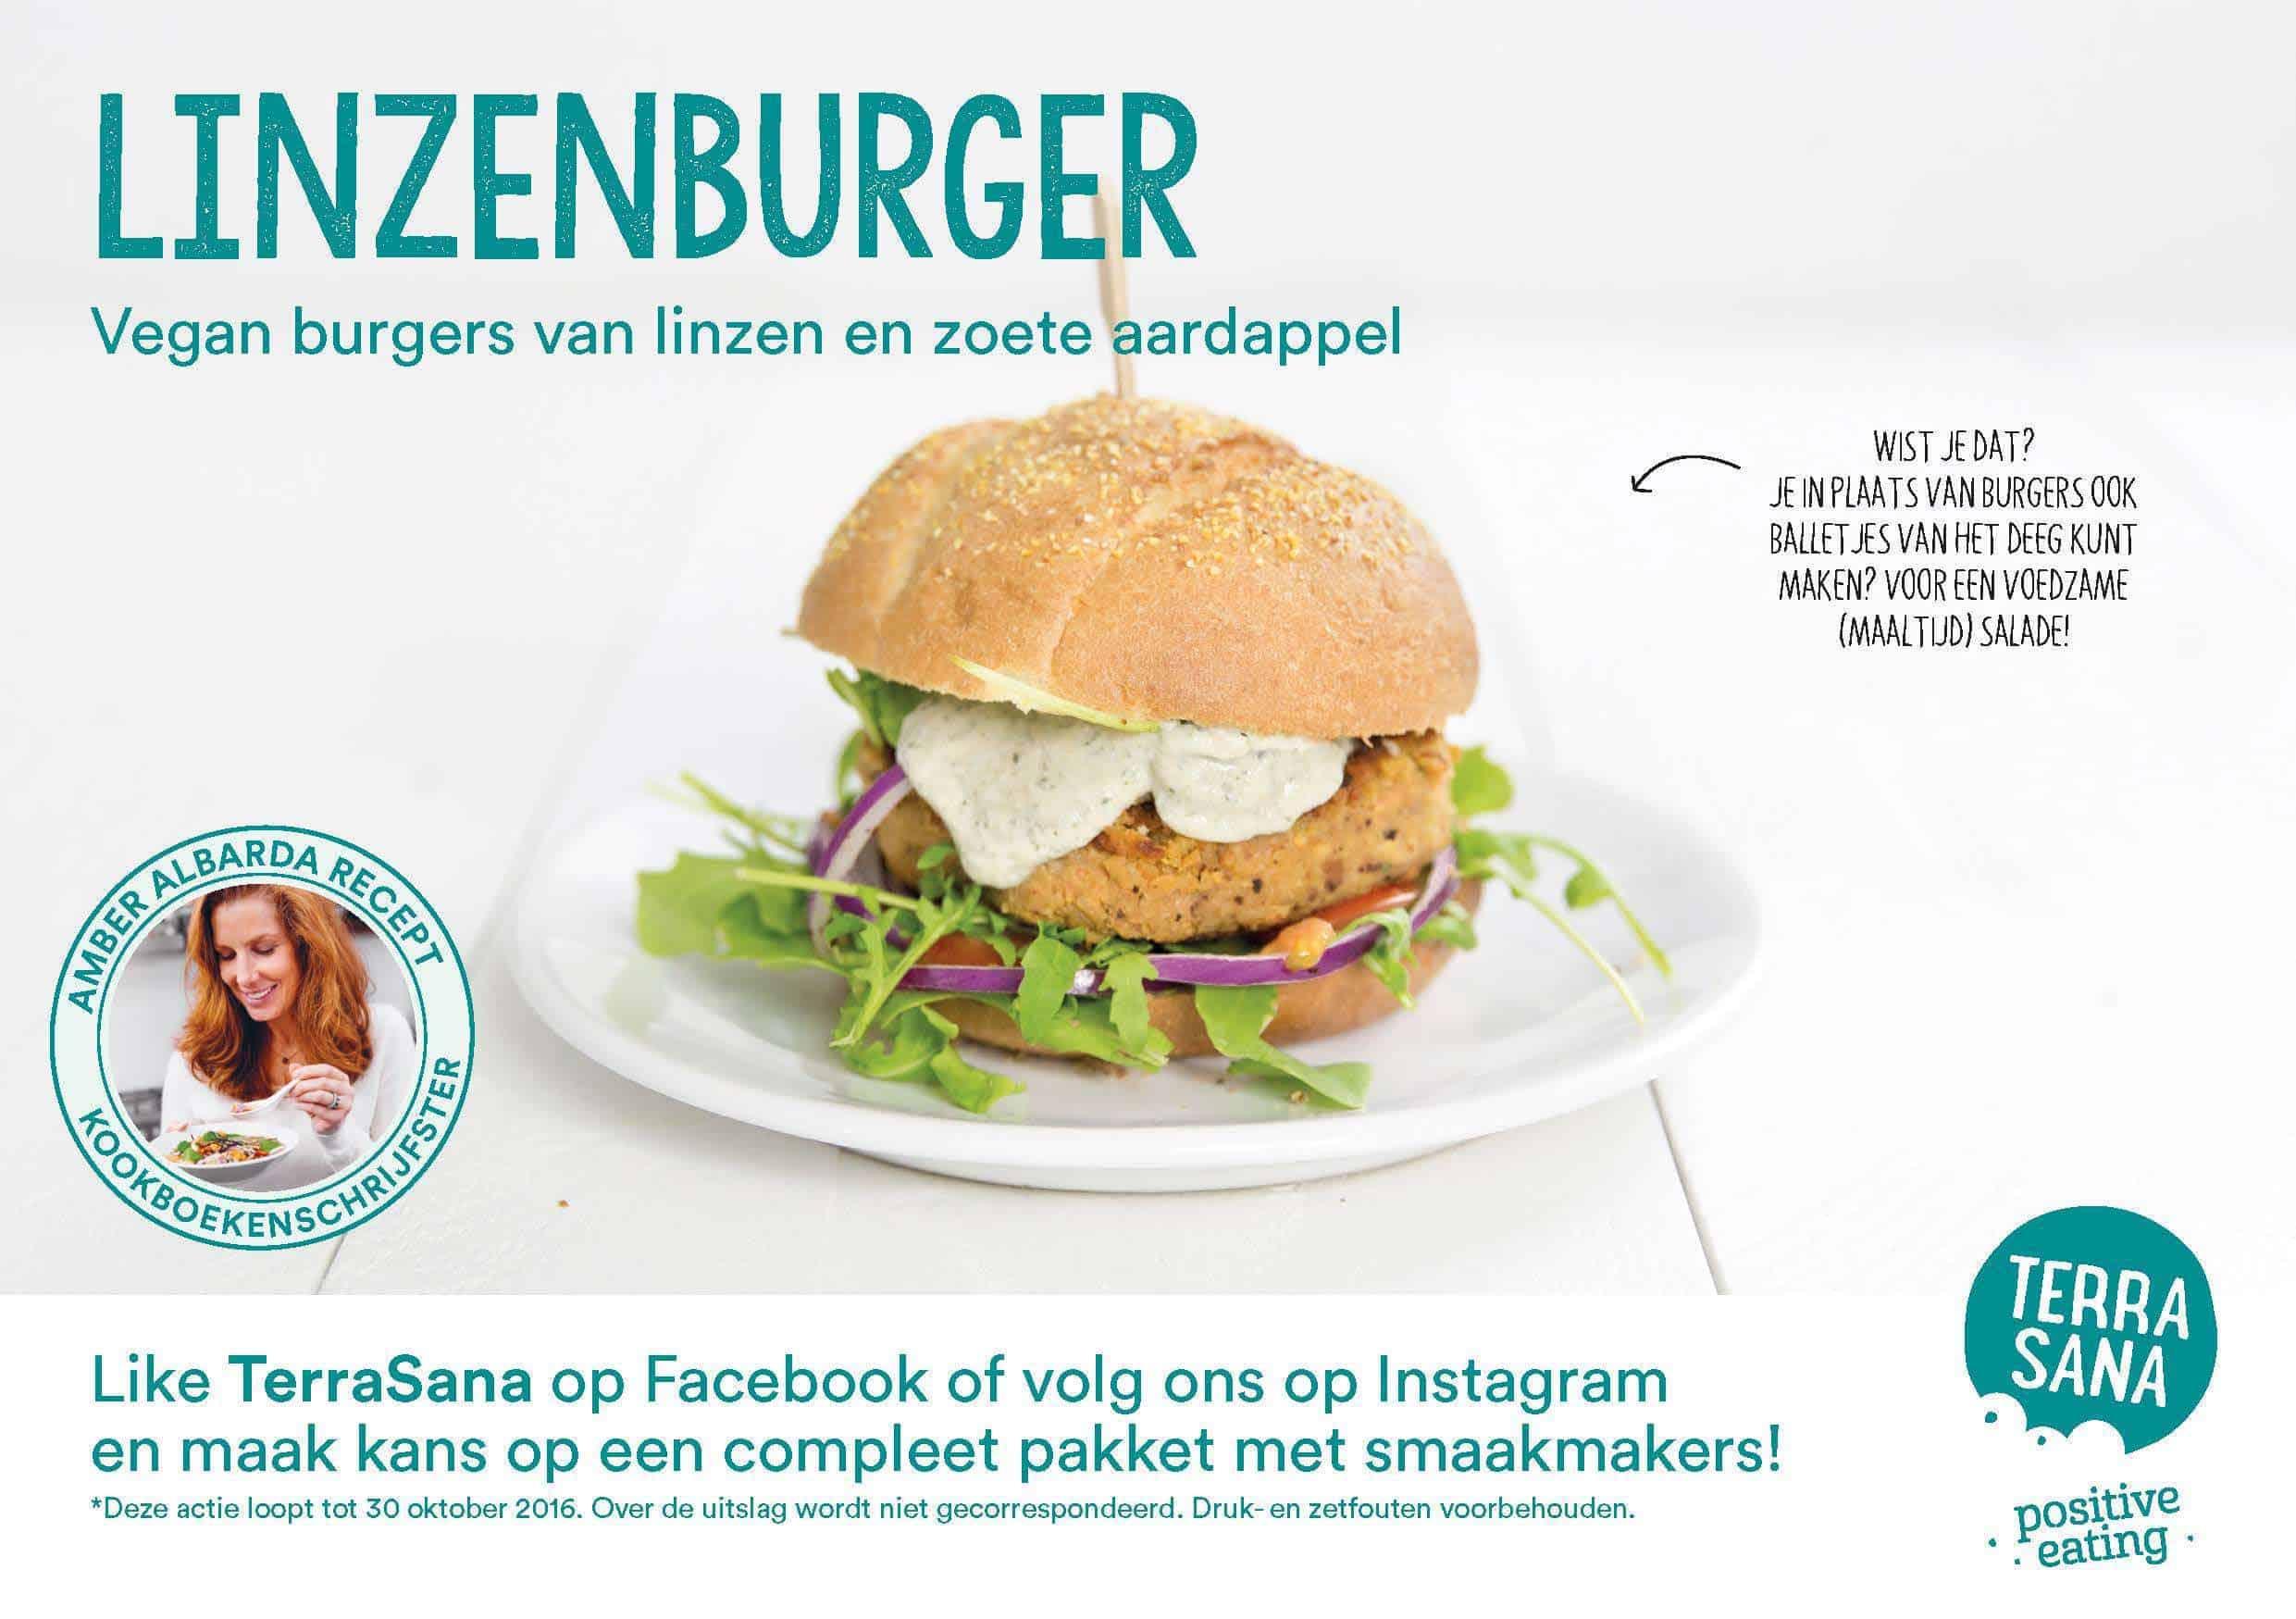 receptkaart linzenburger met hennepzaad amber albarda